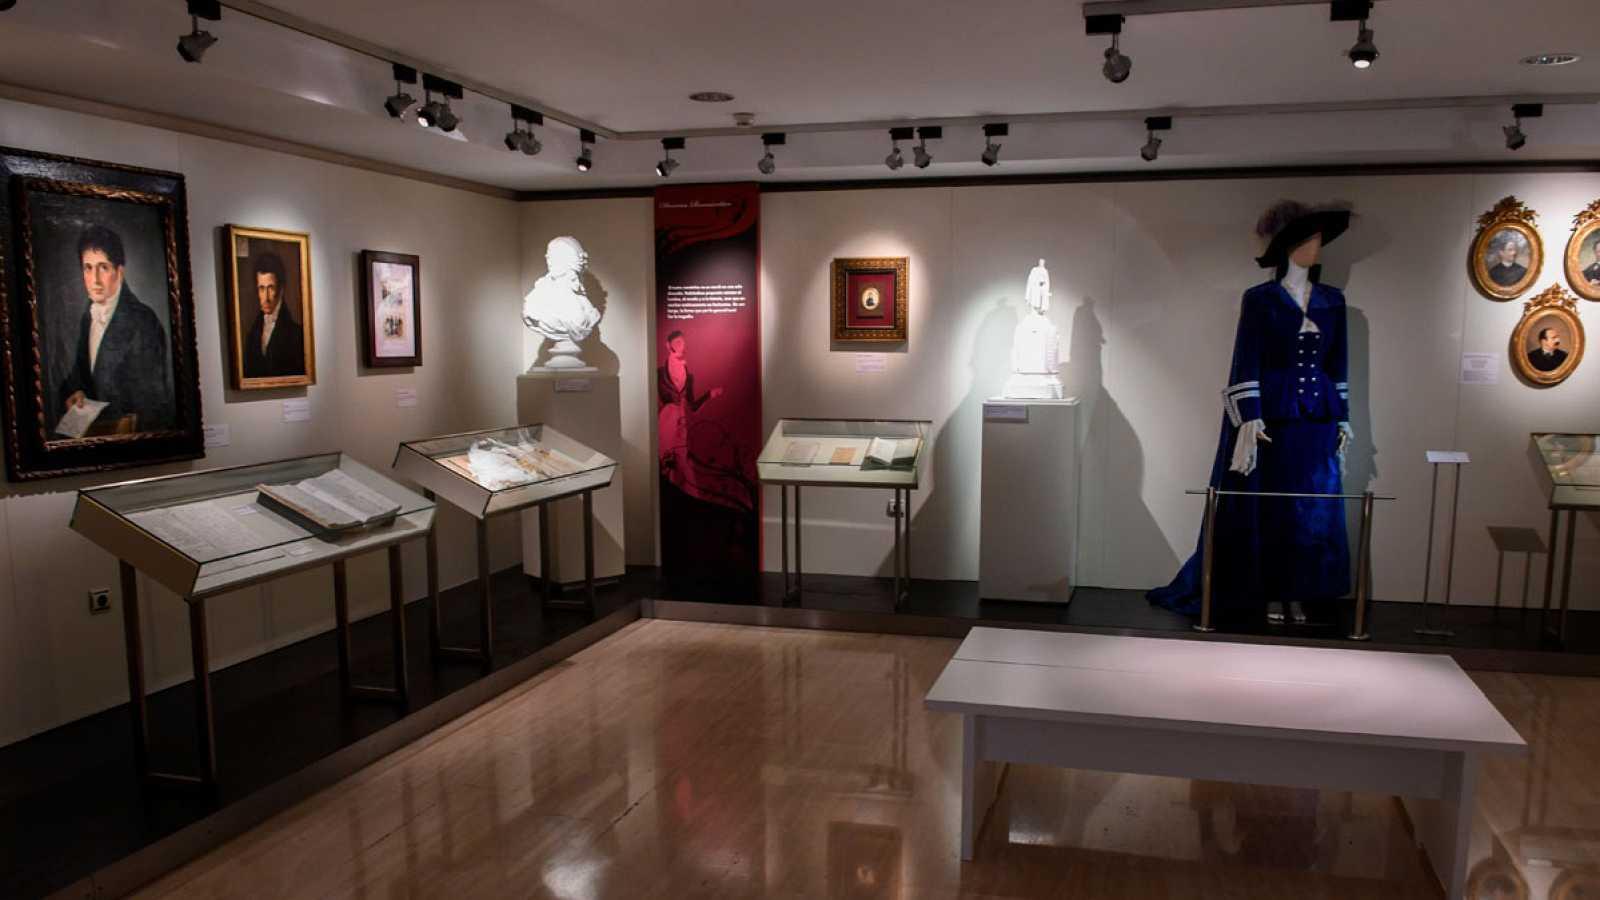 En clave Turismo - Visitamos el Museo Nacional del Teatro, en Almagro, Ciudad Real - 12/02/21 - escuchar ahora